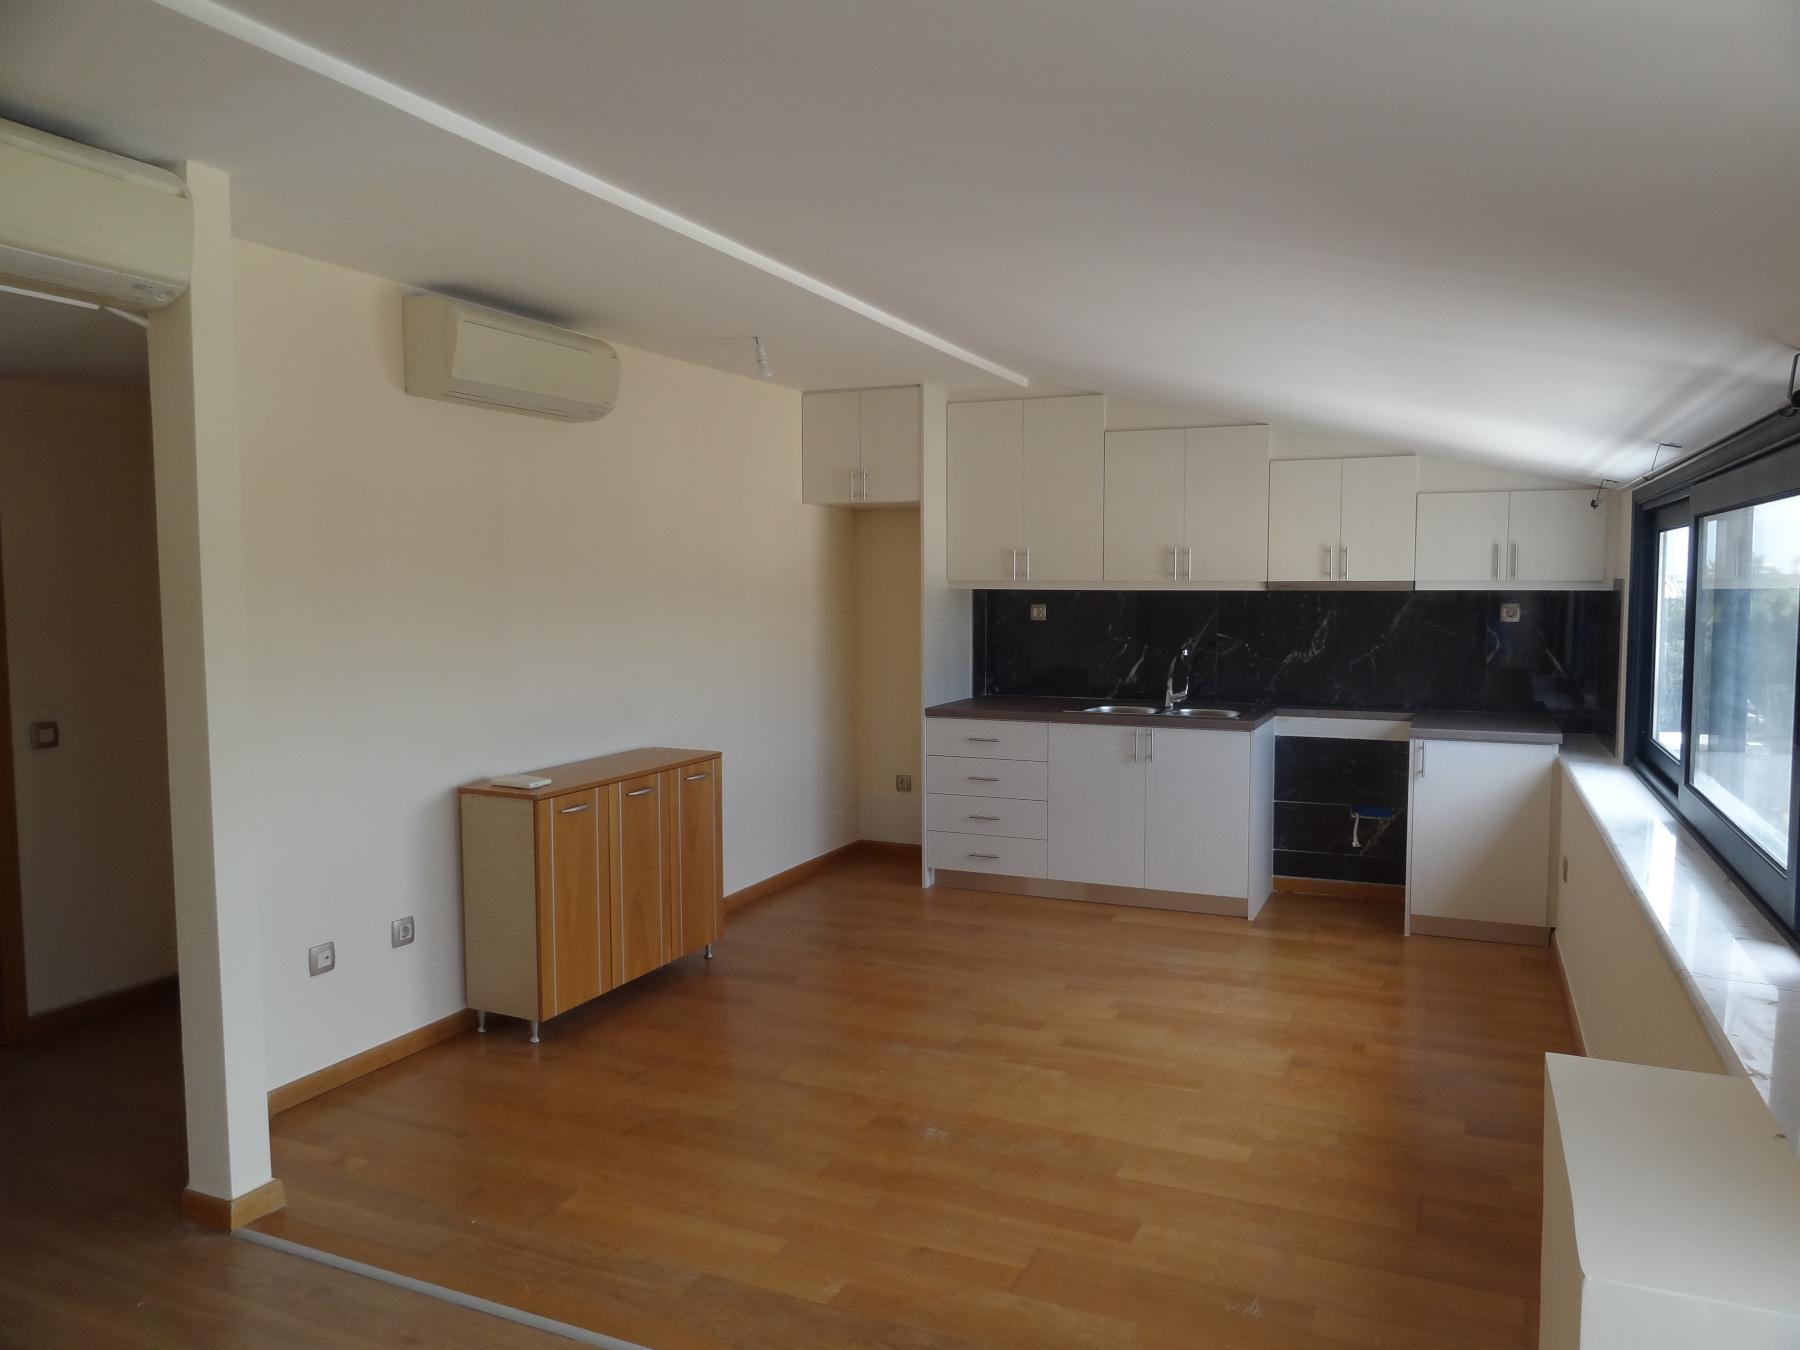 Ενοικιάζεται διαμπερές 2αρι διαμέρισμα 52 τ.μ. 5ου ορόφου  στο κέντρο των Ιωαννίνων πλησίον της Ακαδημίας